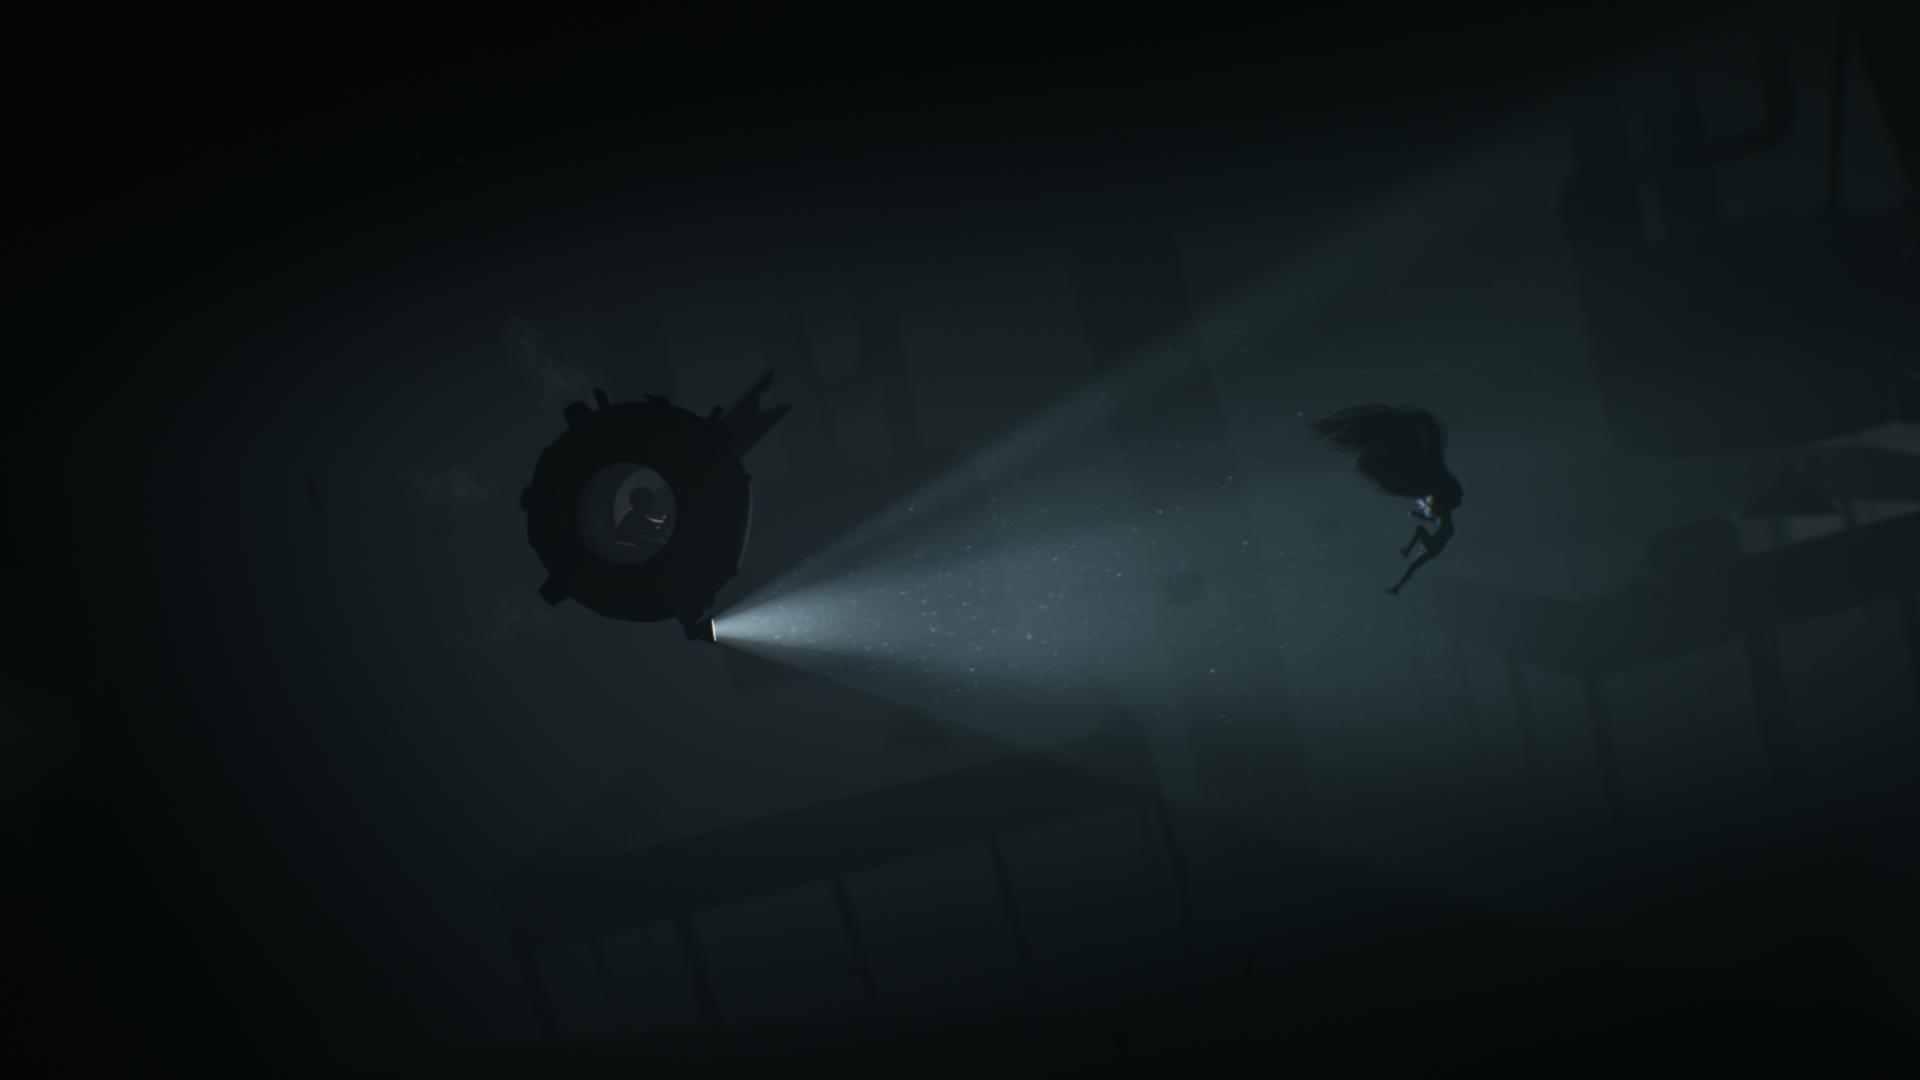 少年は水の中も進んでいく。この奇妙な生物は、苦手な光を外すと、少年の乗る潜水球を一瞬で破壊してしまう